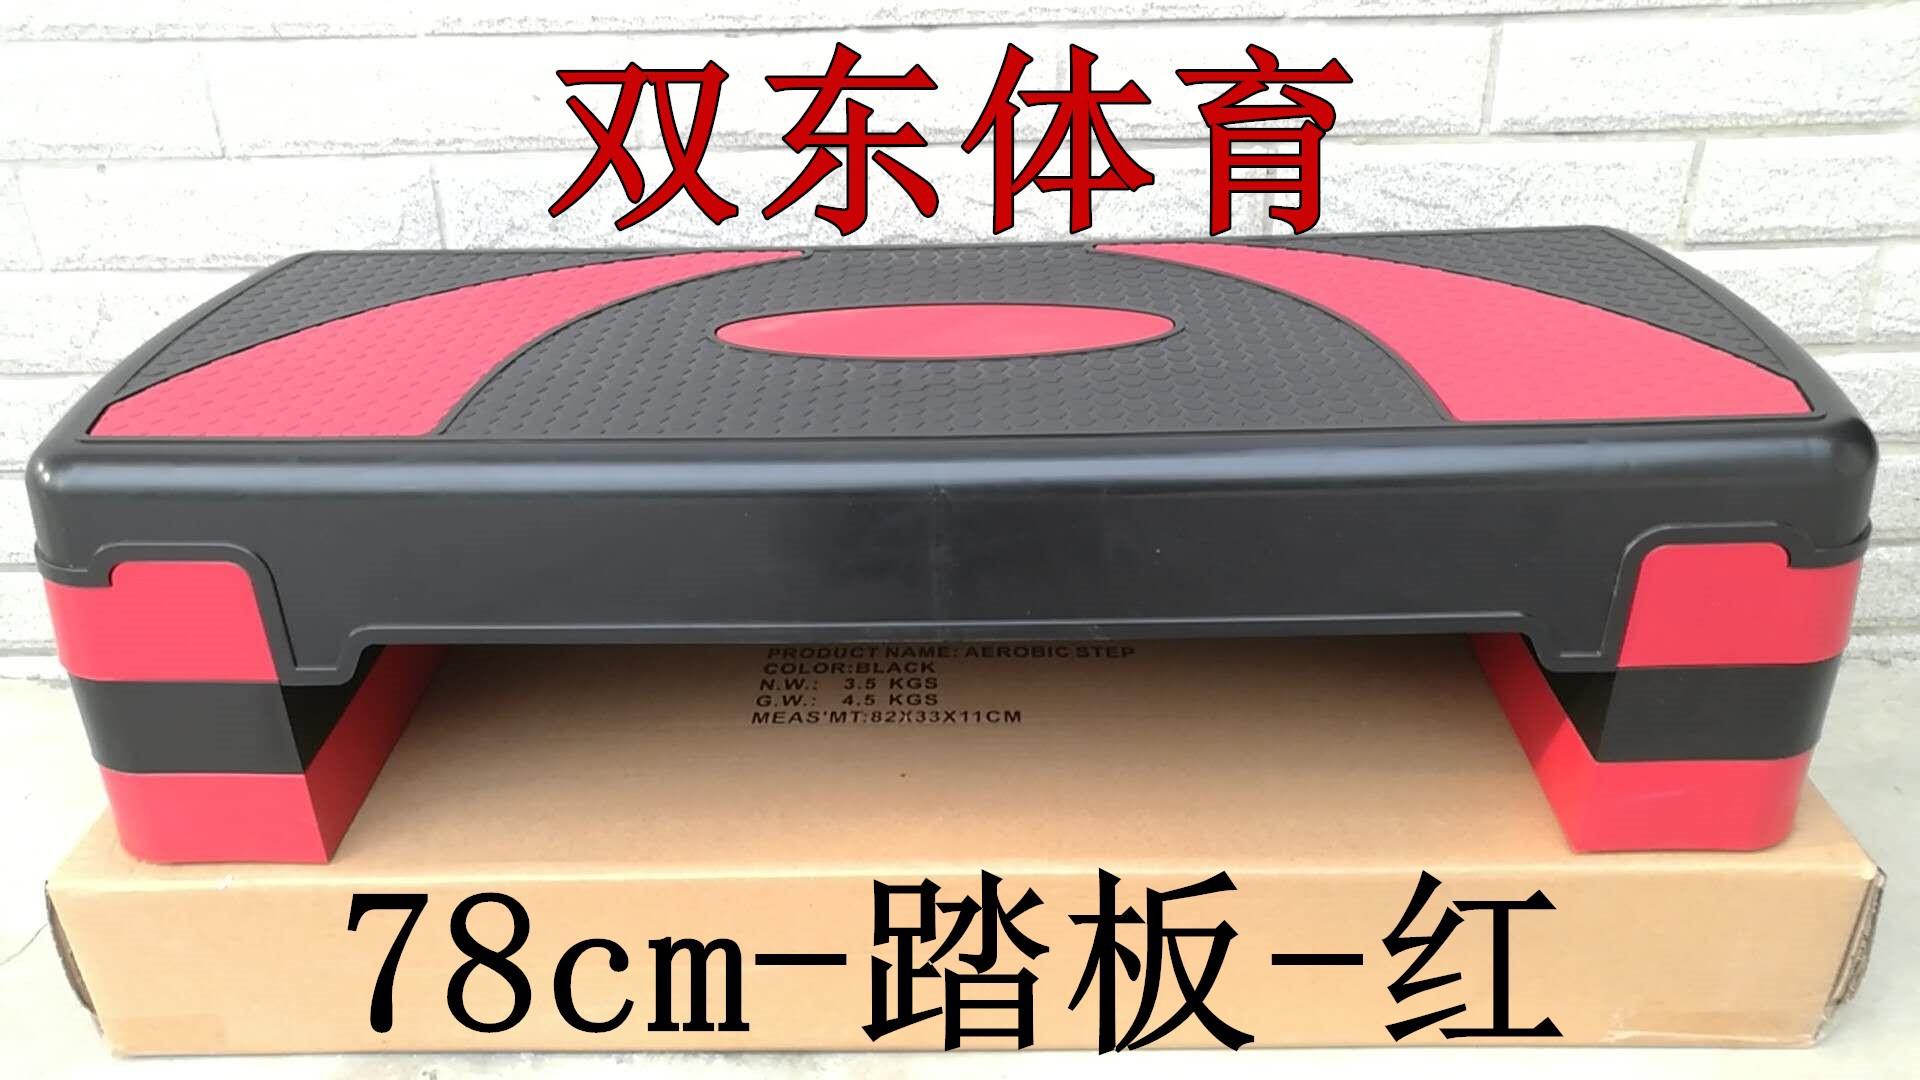 Bục aerobic dậm nhảy 750 điều chỉnh độ cao 3 mức màu đen đỏ